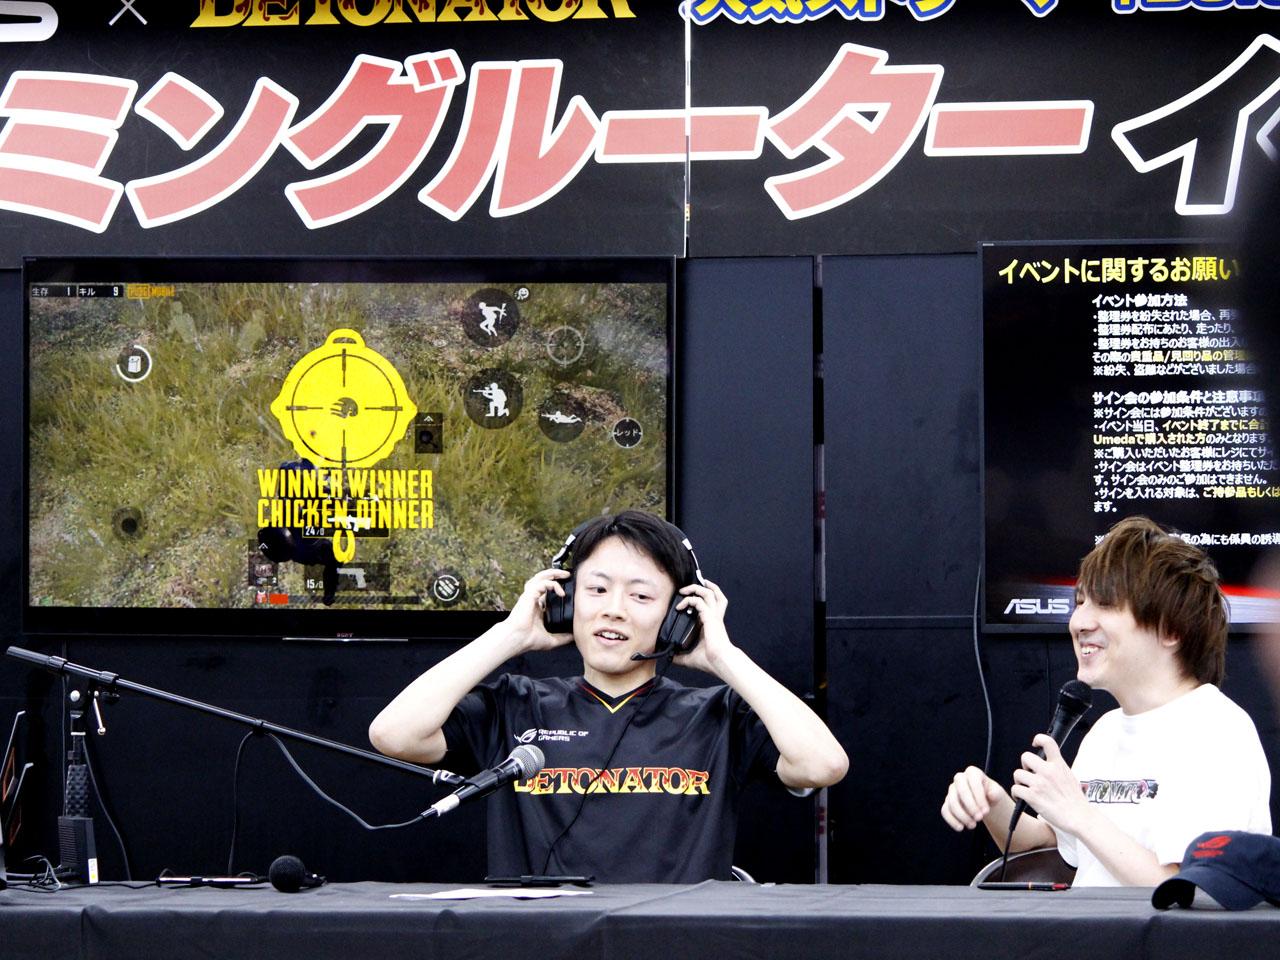 """YamatoN氏が実況する中、ソロプレイで""""ドン勝""""を達成した瞬間のimoNari氏"""